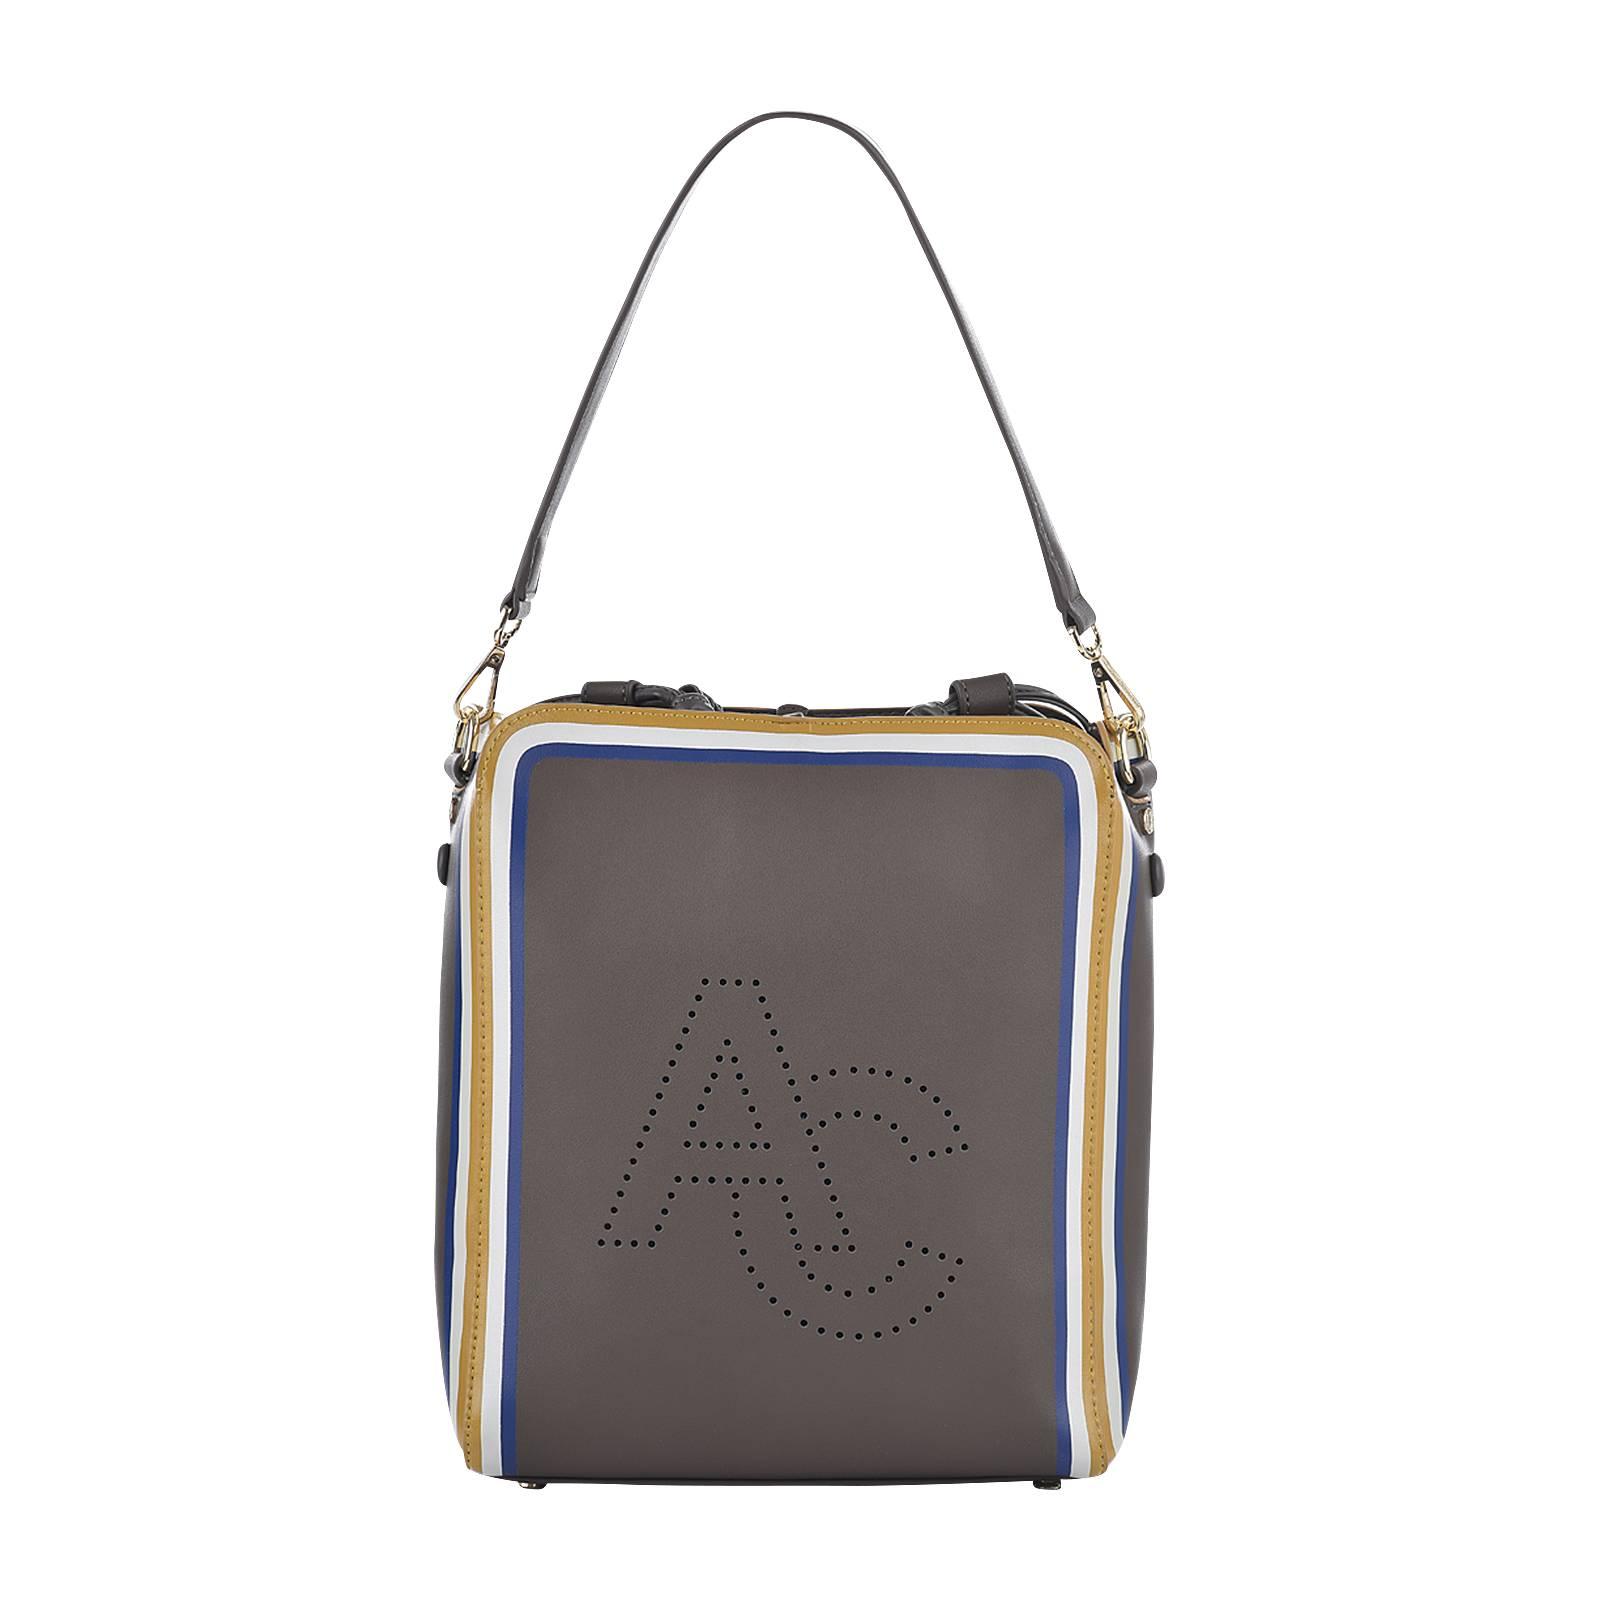 Alesha - Γυναικεία τσάντα Axel Concept από δερμα συνθετικο - Gianna ... f66f0ec1aba